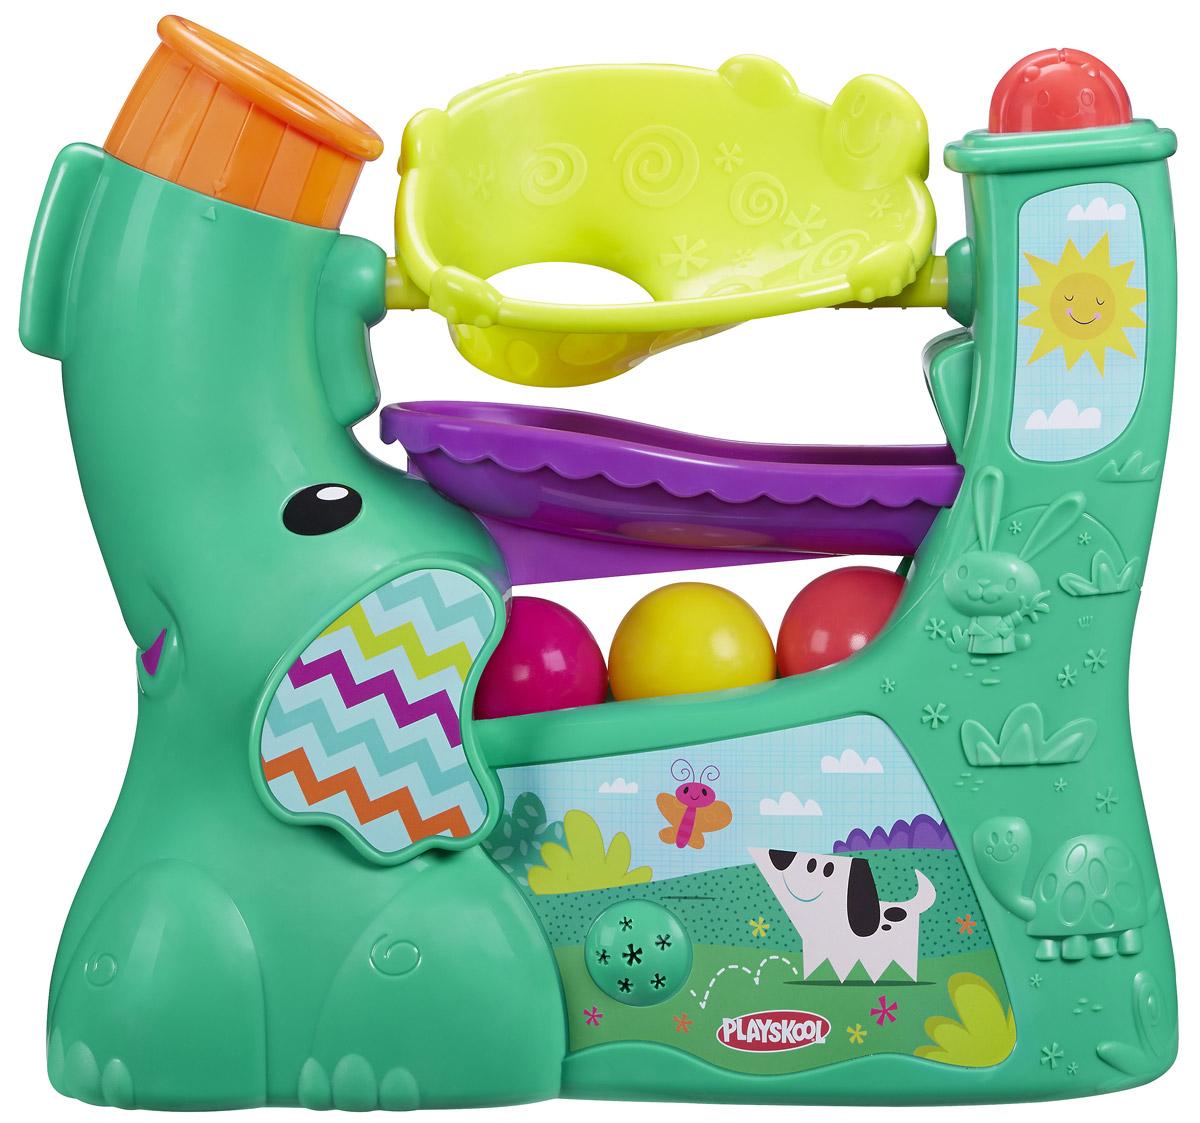 Playskool Развивающая игрушка Веселый слоник развивающая игрушка playskool веселый слоник